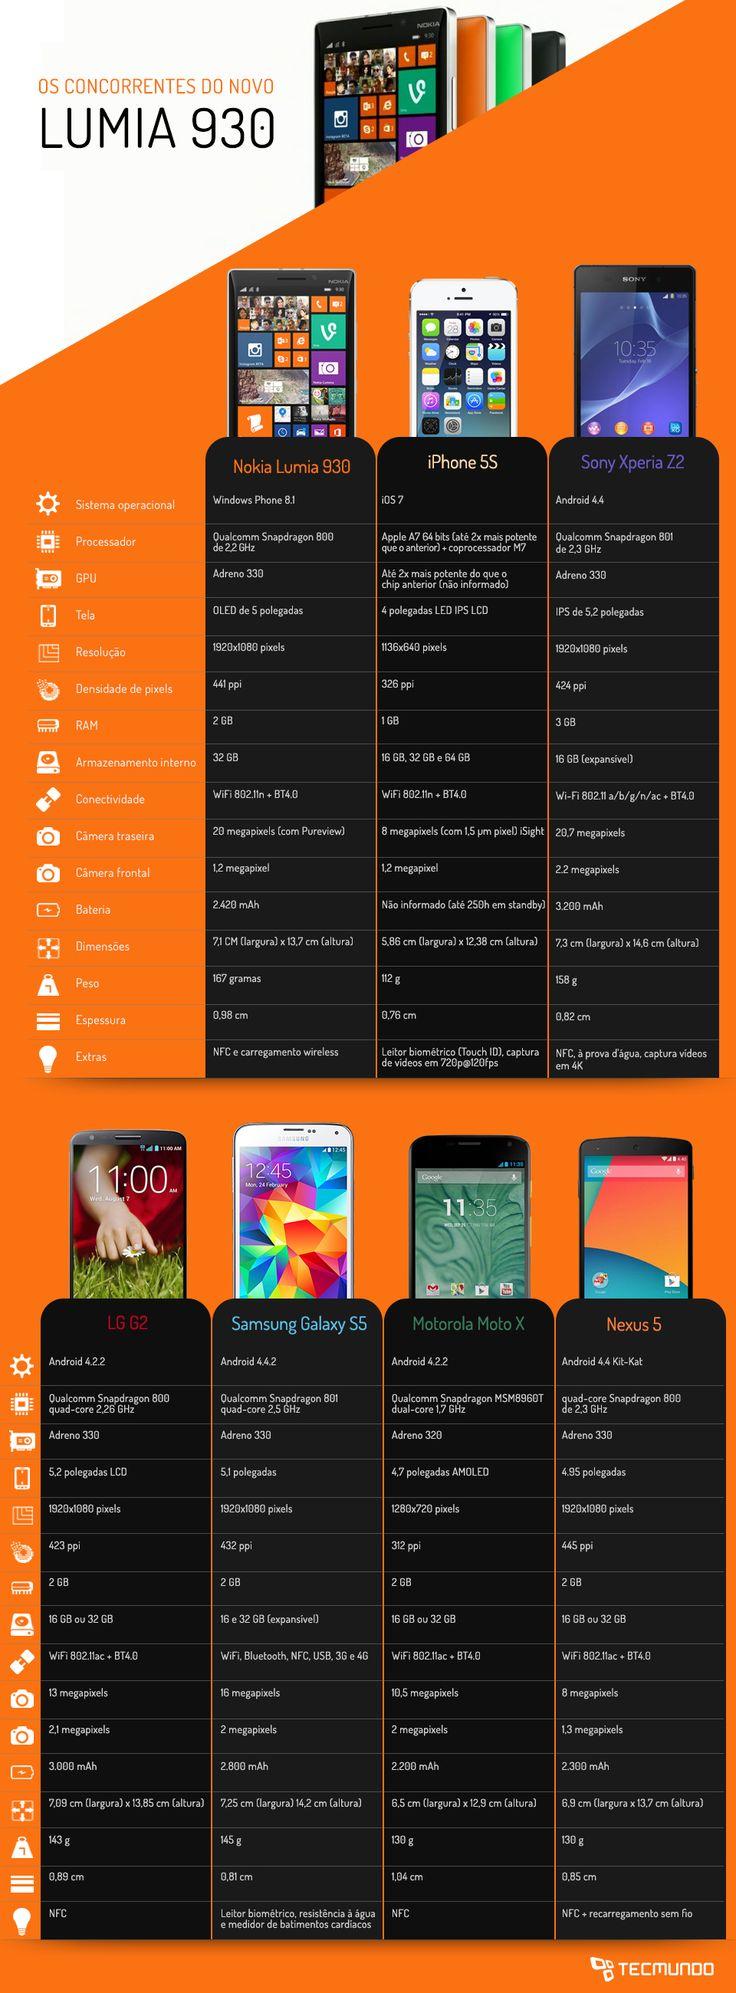 Infográfico - Comparação: #Nokia Lumia 930 contra os principais smartphones do mercado